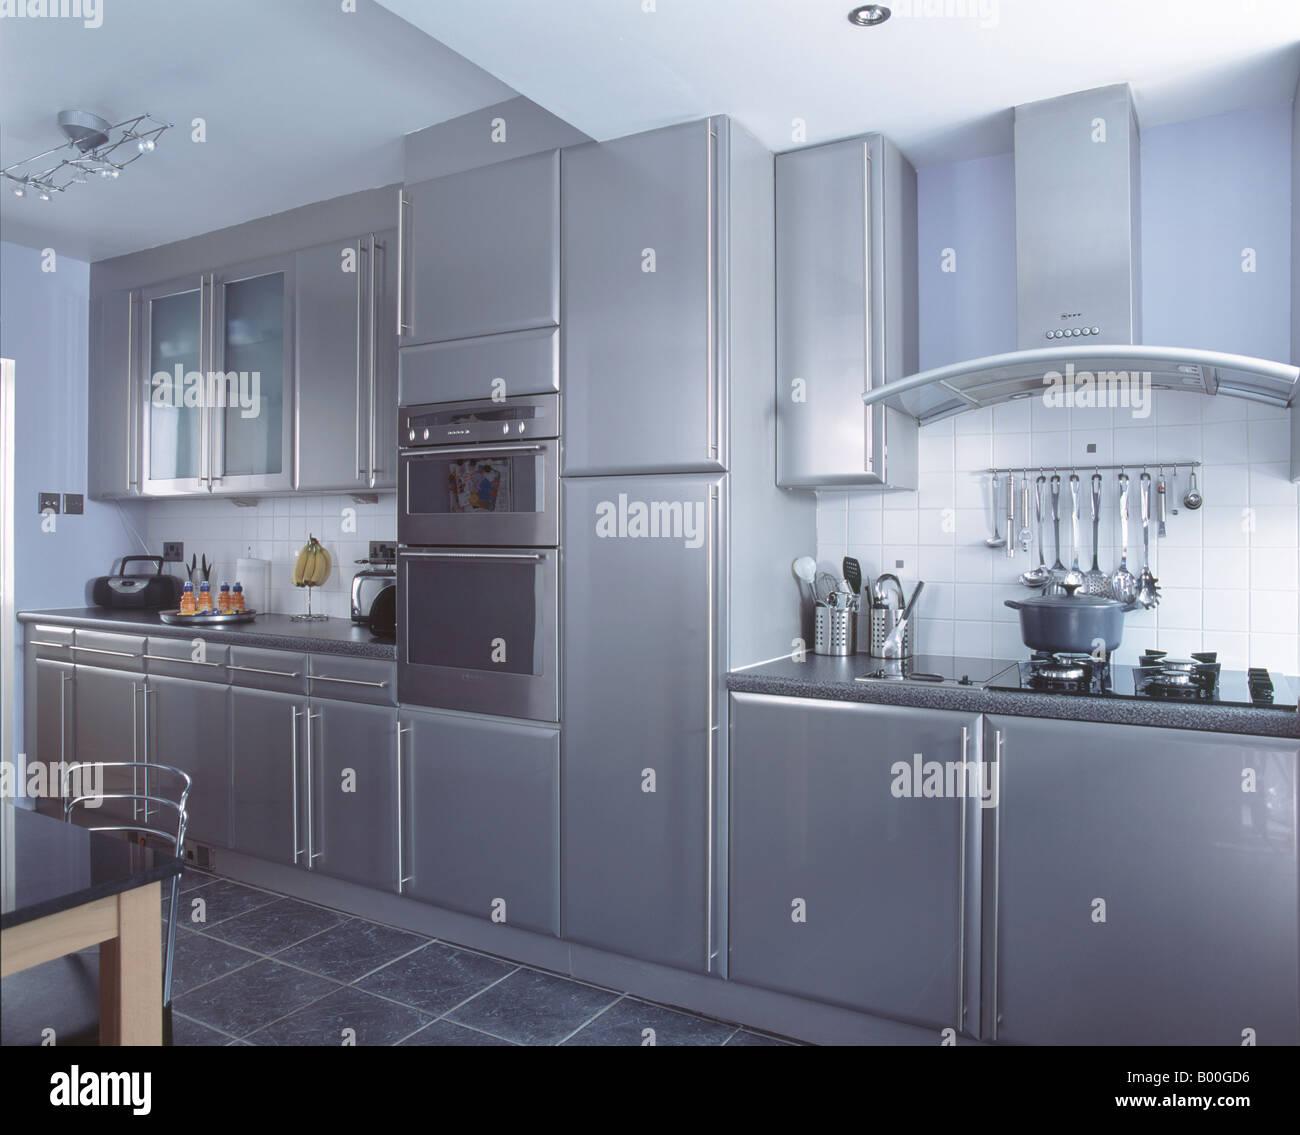 Wand Backofen in modernen metallic grau Küche mit Schiefer ...